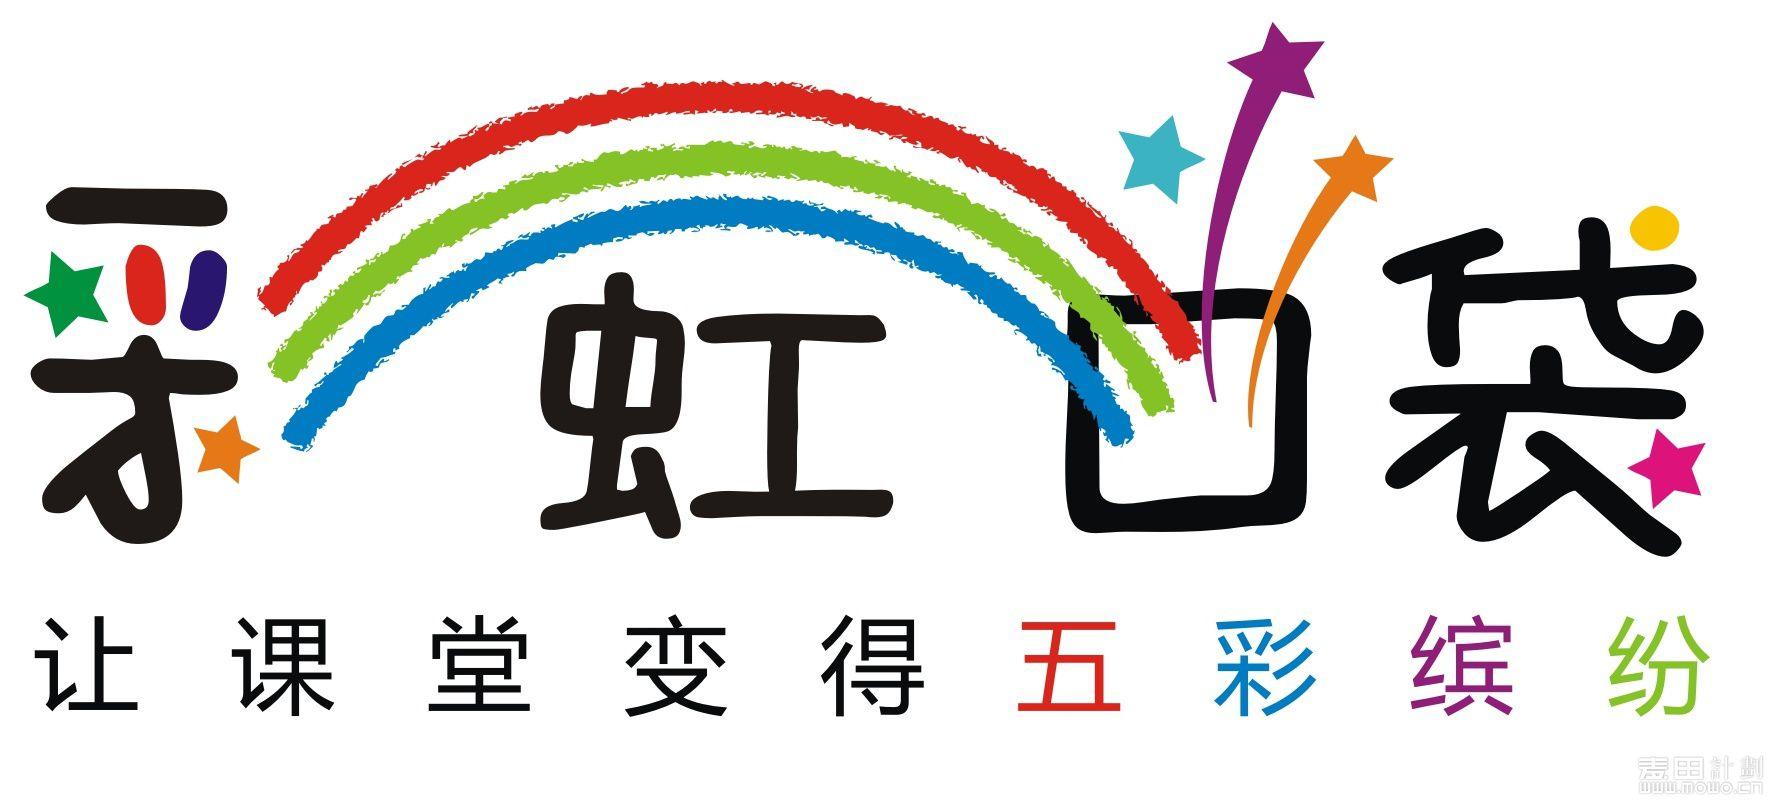 彩虹口袋_2345看图王.jpg